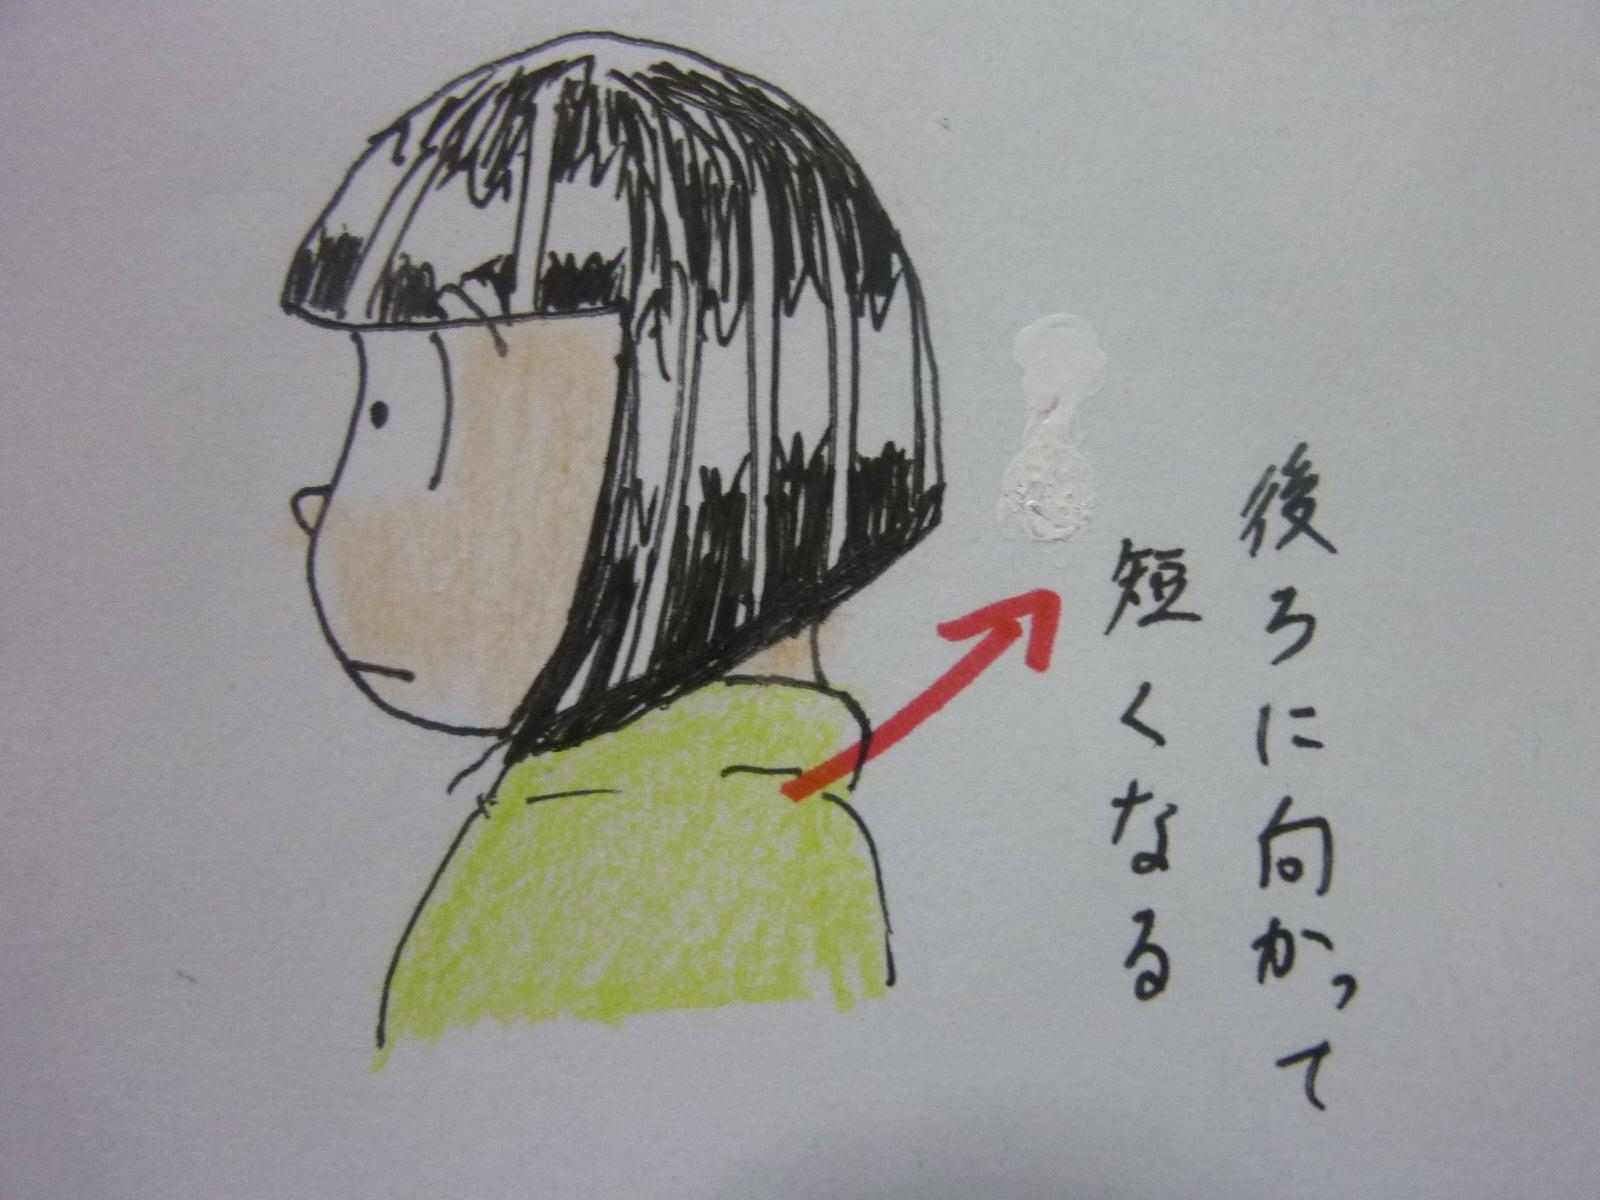 ジョジョ沼】ザ・グレイトフル・ヘアーstyle セカンド